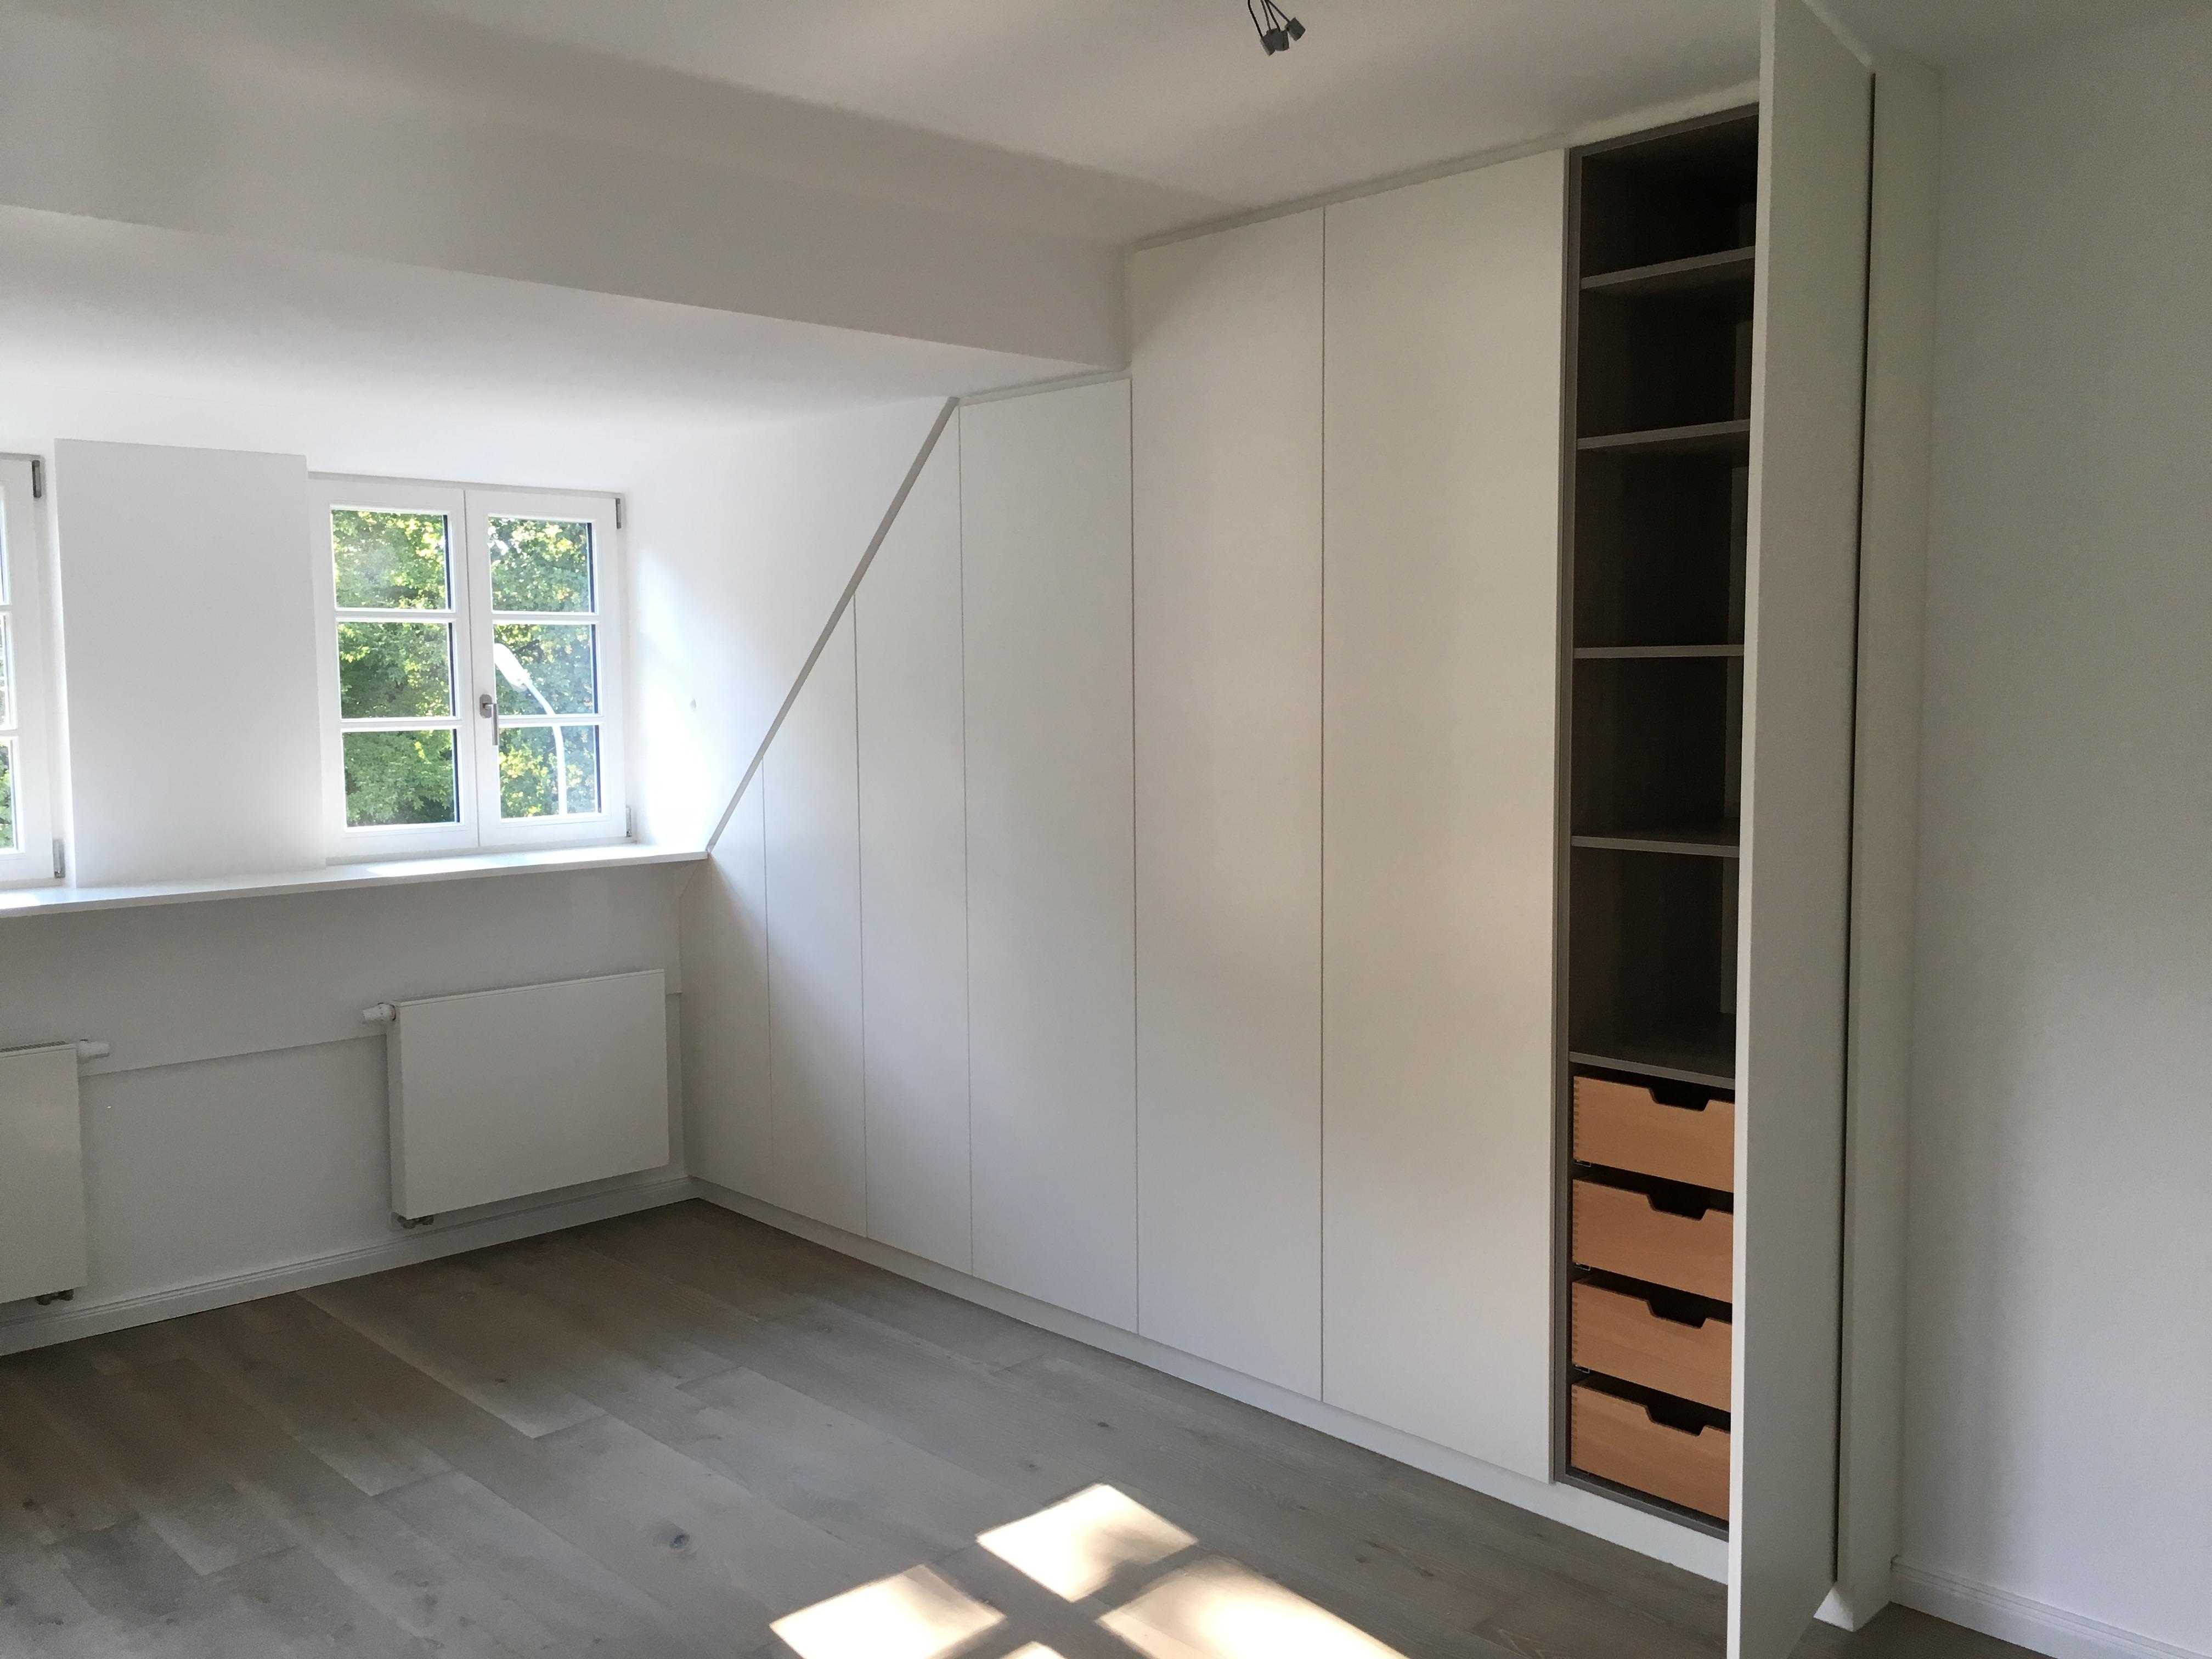 schreinerei creativ m belwerkst tten in m nchen. Black Bedroom Furniture Sets. Home Design Ideas